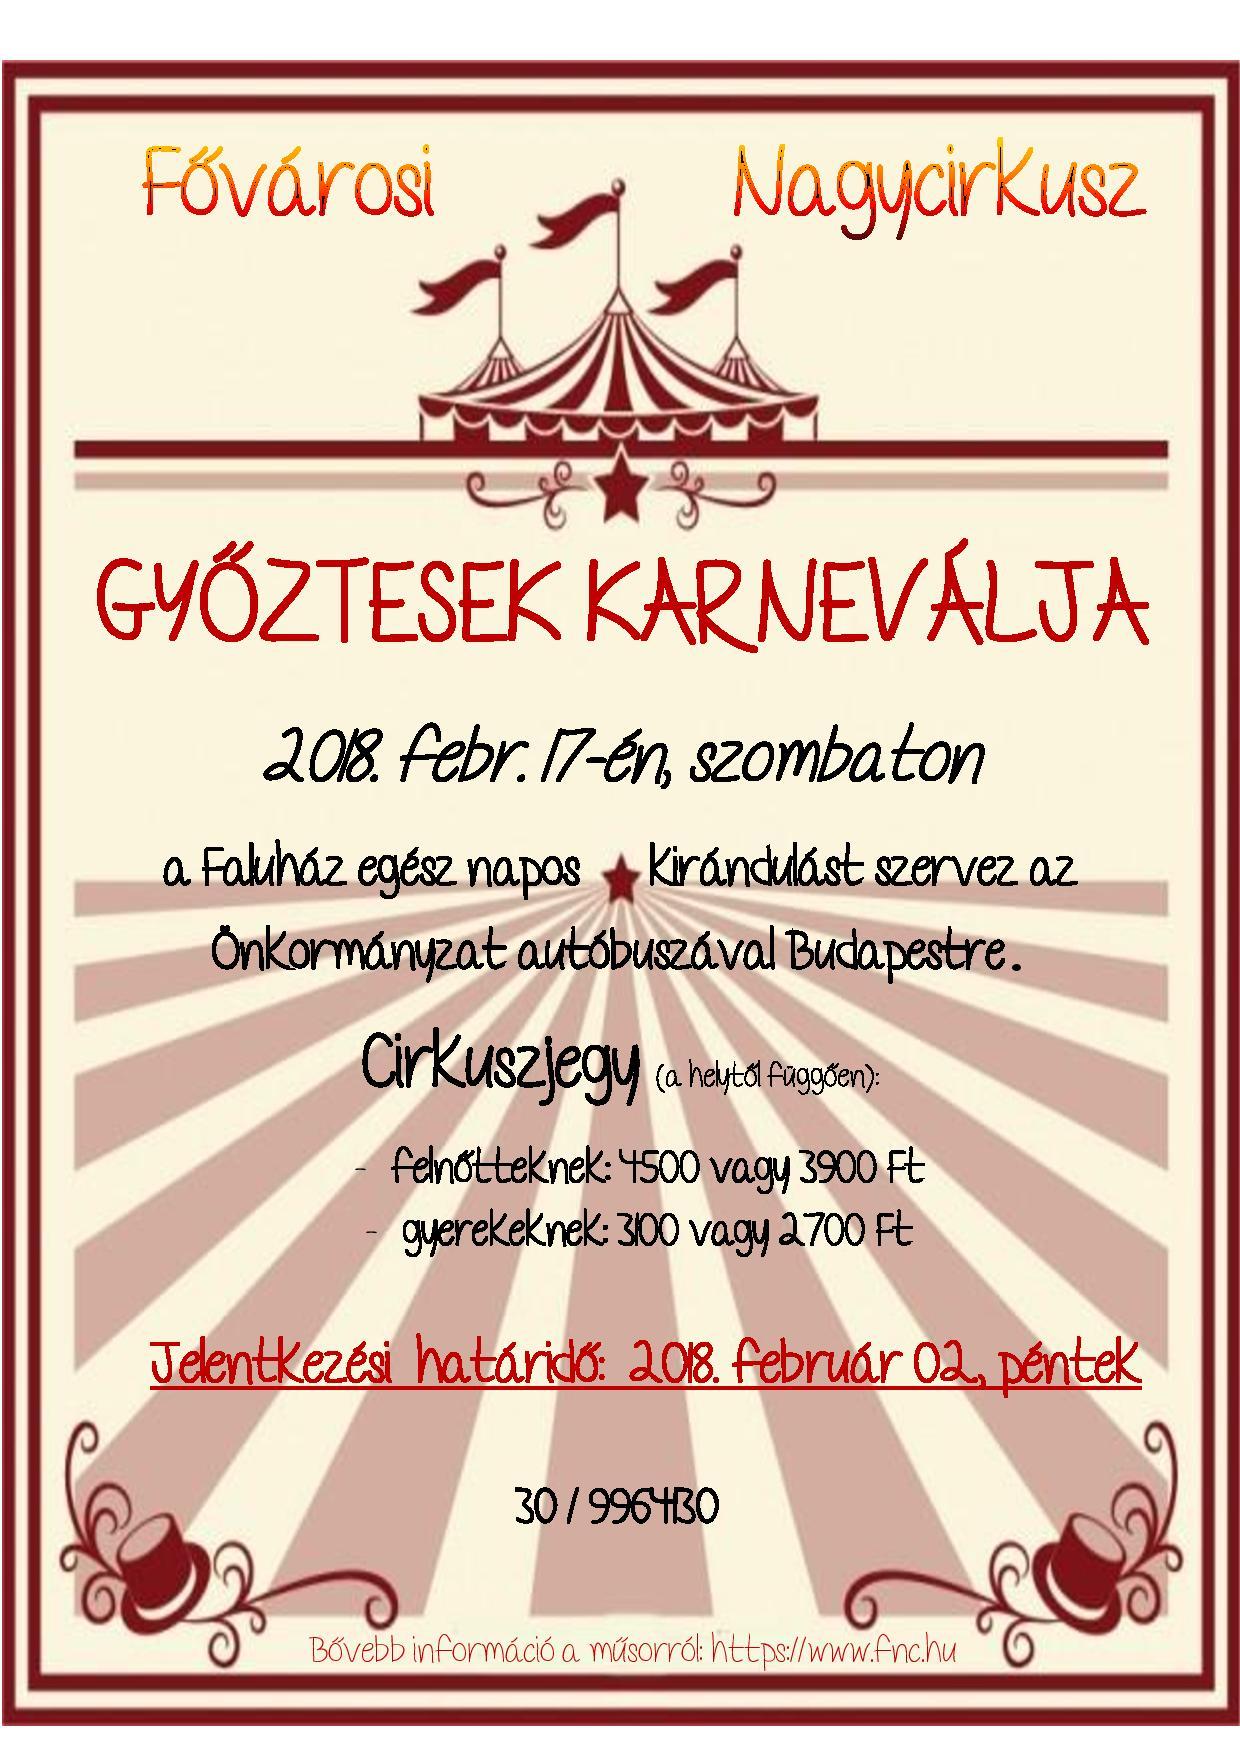 Cirkusz-page-001